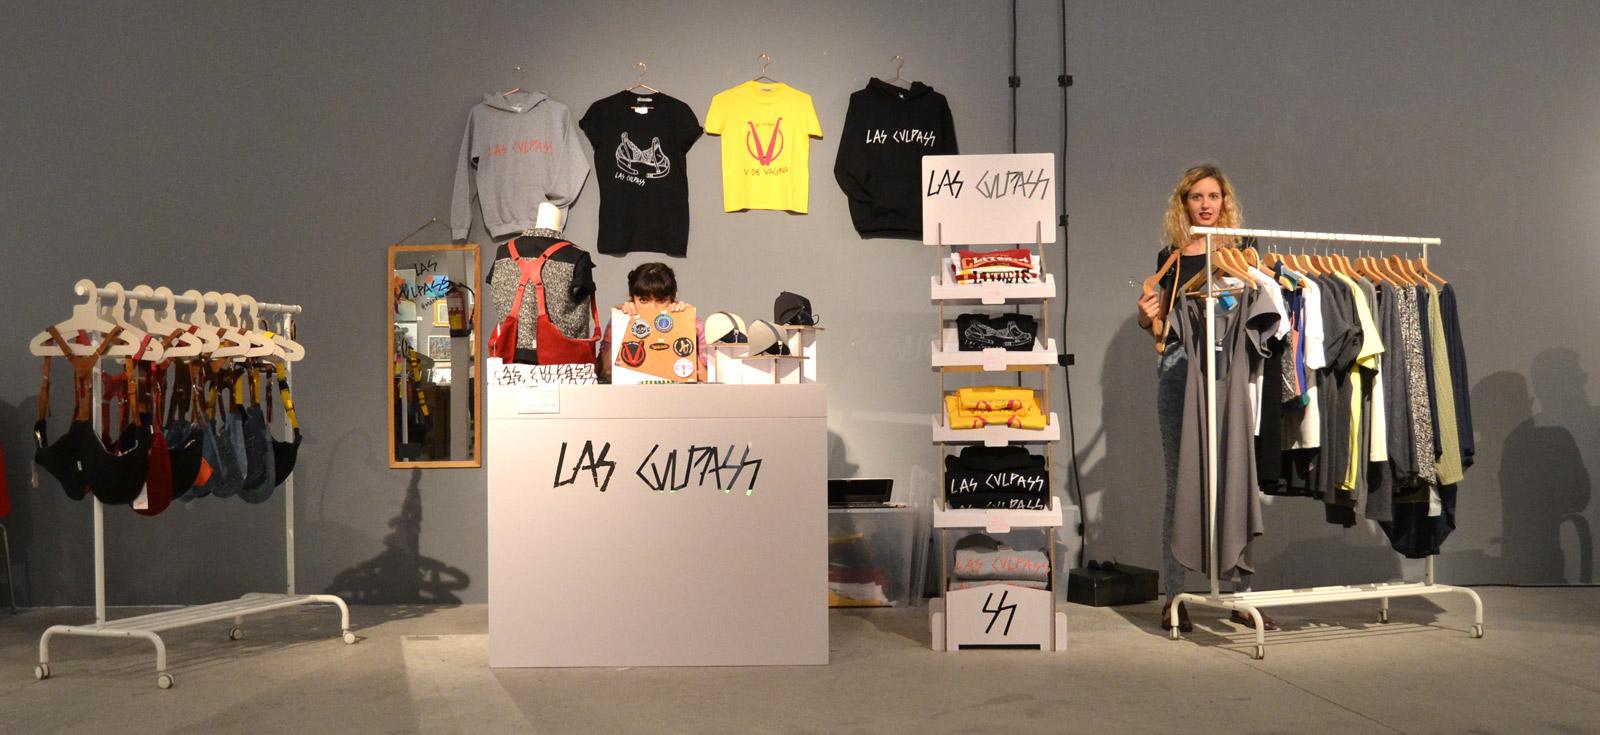 stand-mostrador-mercado-carton-lasculpass-cartonlab-02